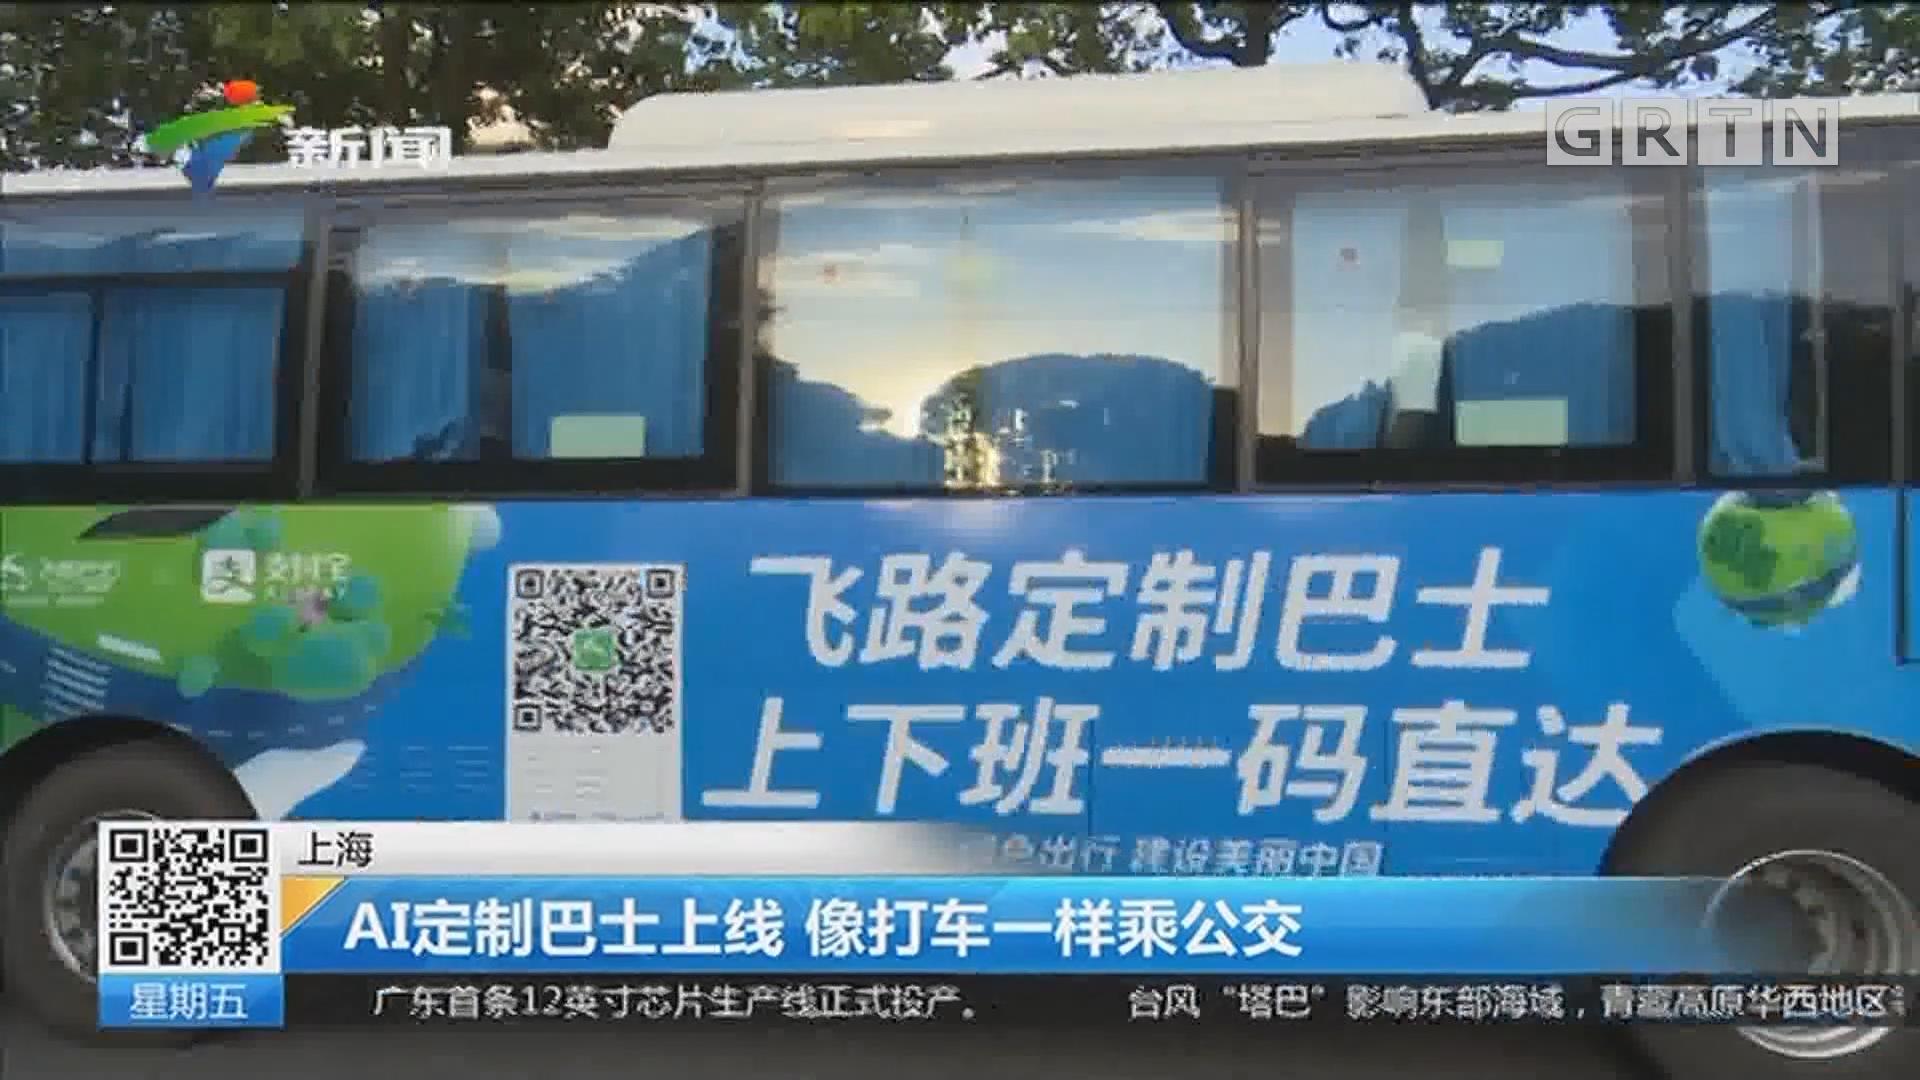 上海 AI定制巴士上线 像打车一样乘公交